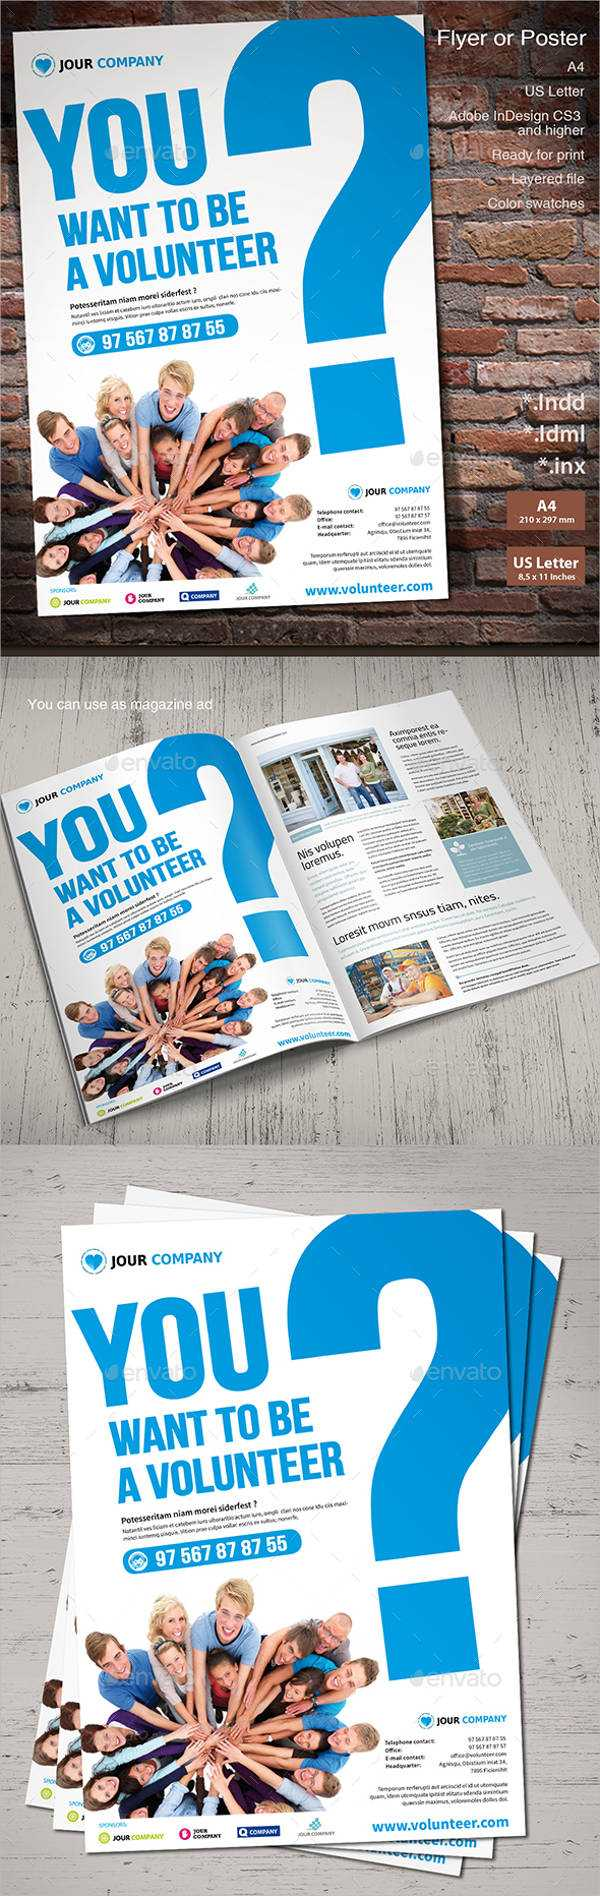 11+ Volunteer Flyers - Ms Word, Pages, Psd, Vector Eps Inside Volunteer Brochure Template